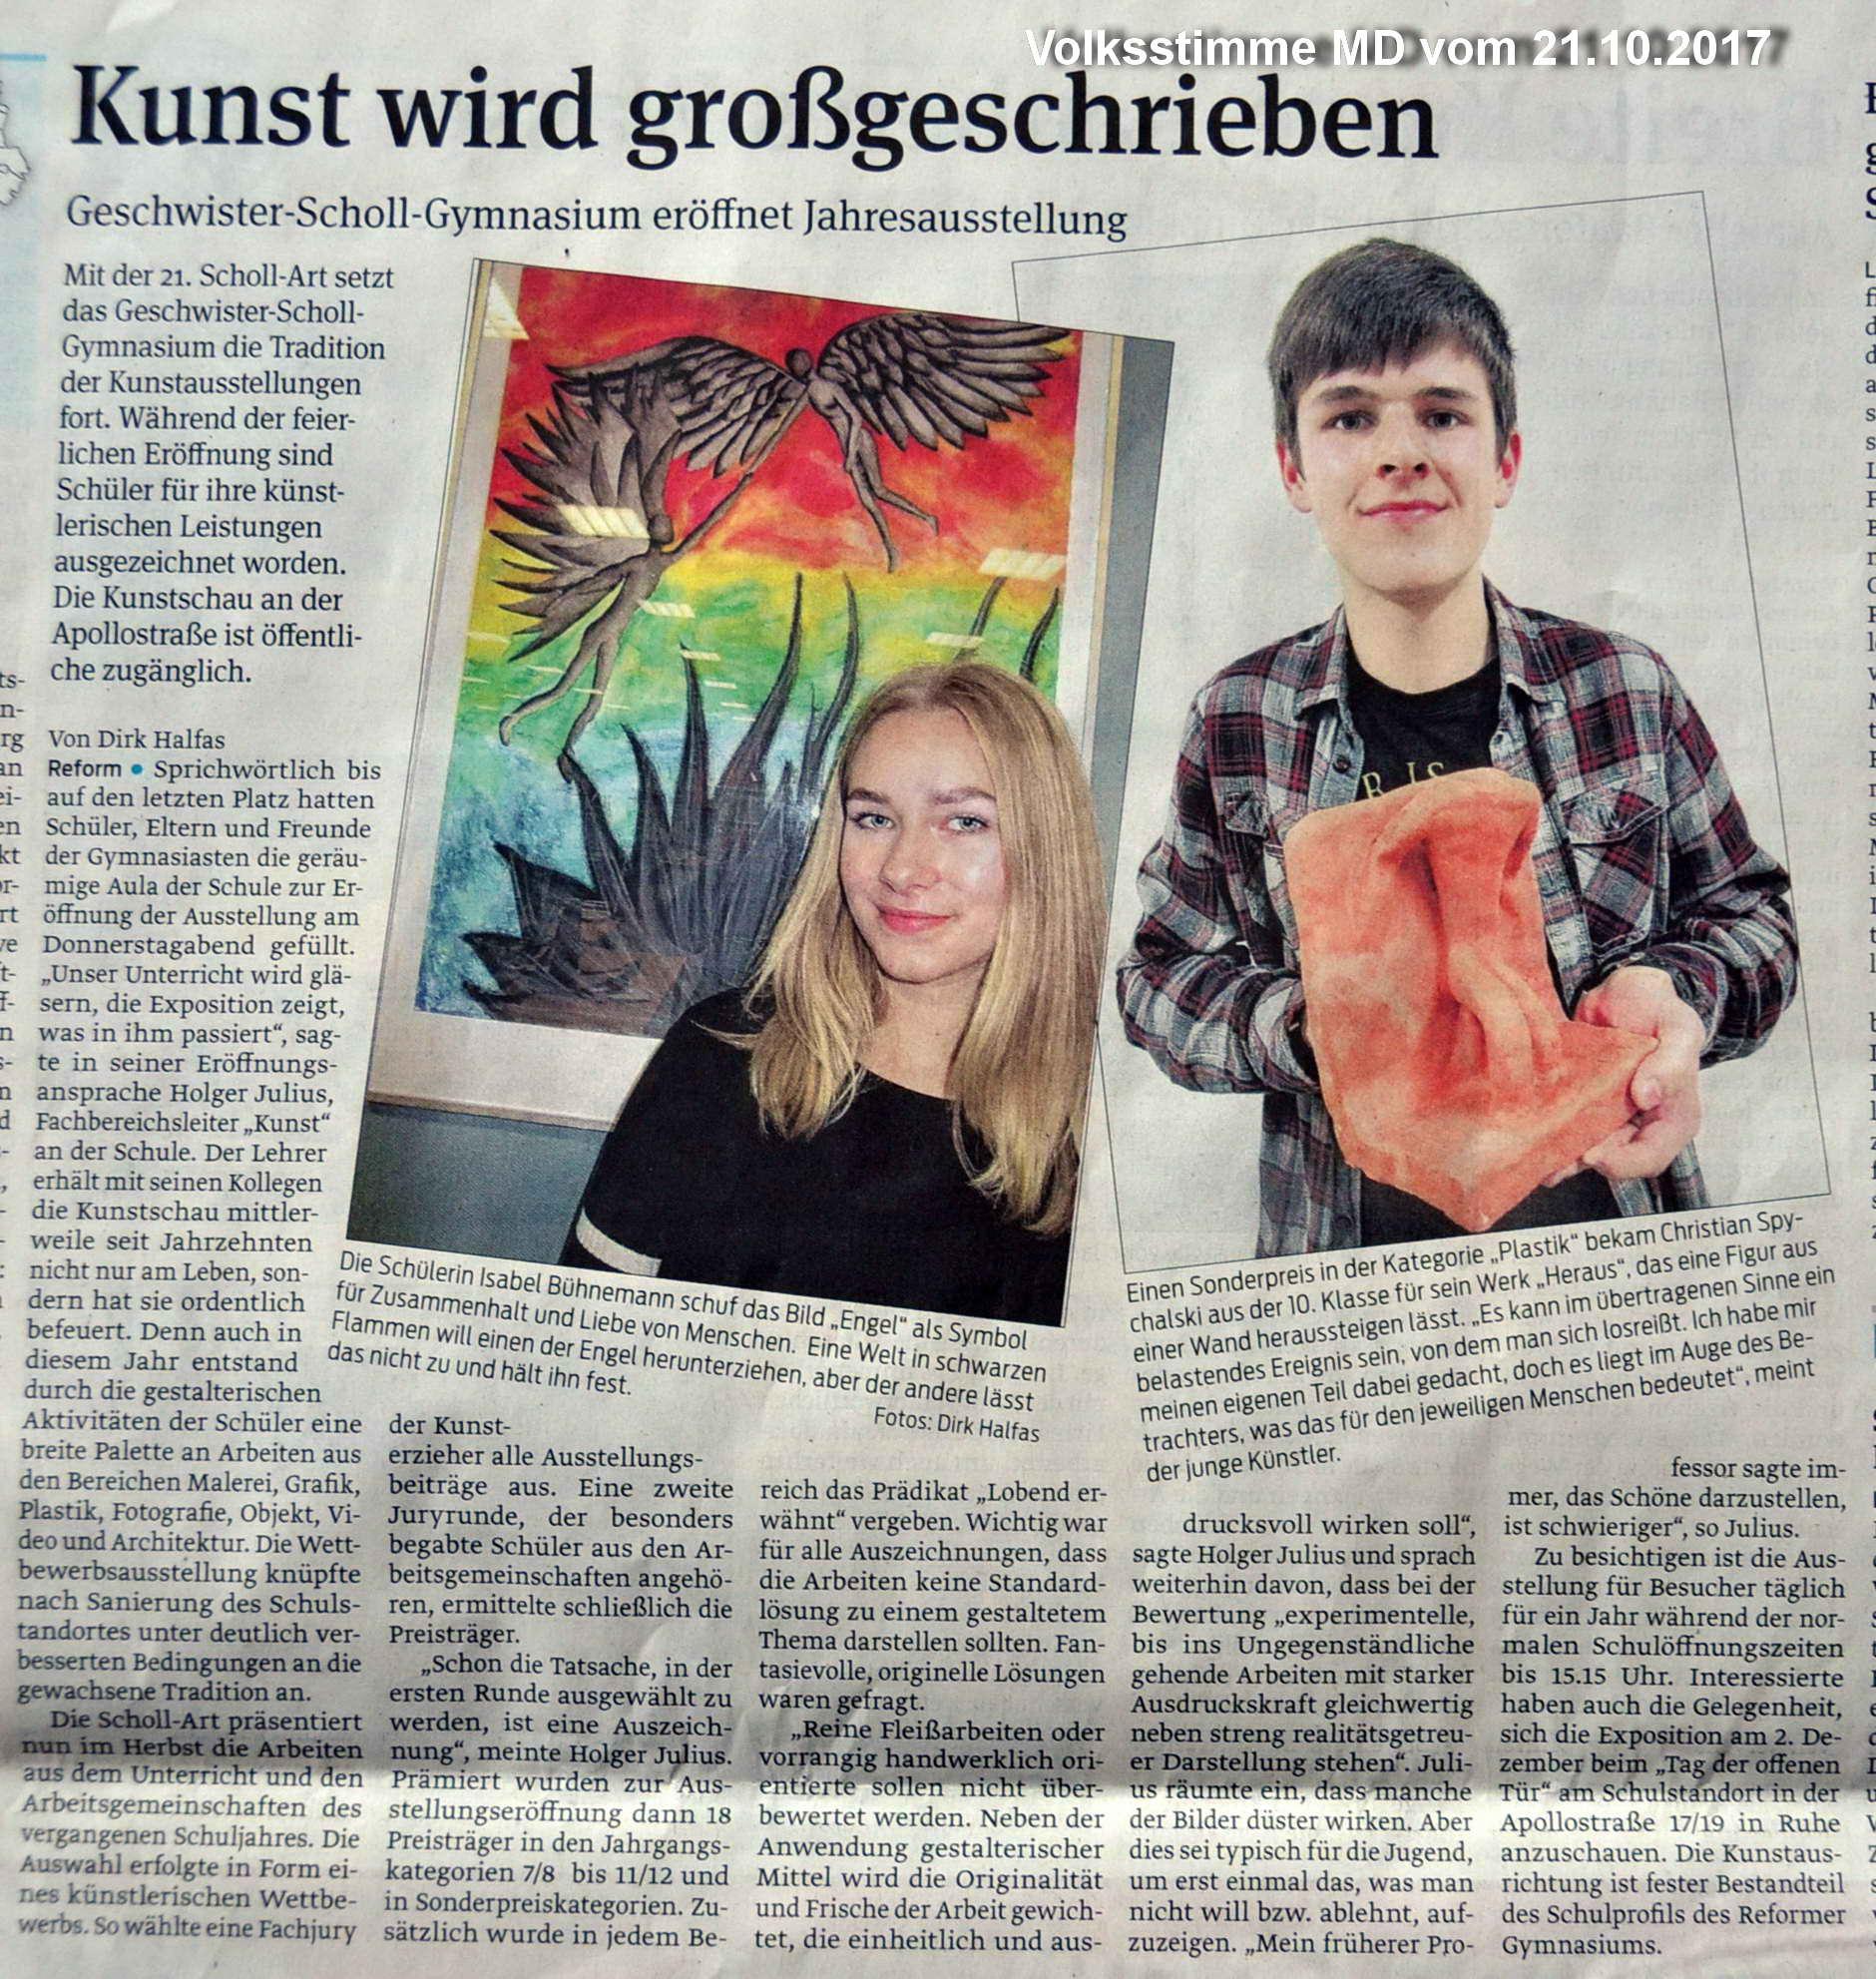 Gemütlich Schule Setzt Qld Fort Bilder - Beispielzusammenfassung ...